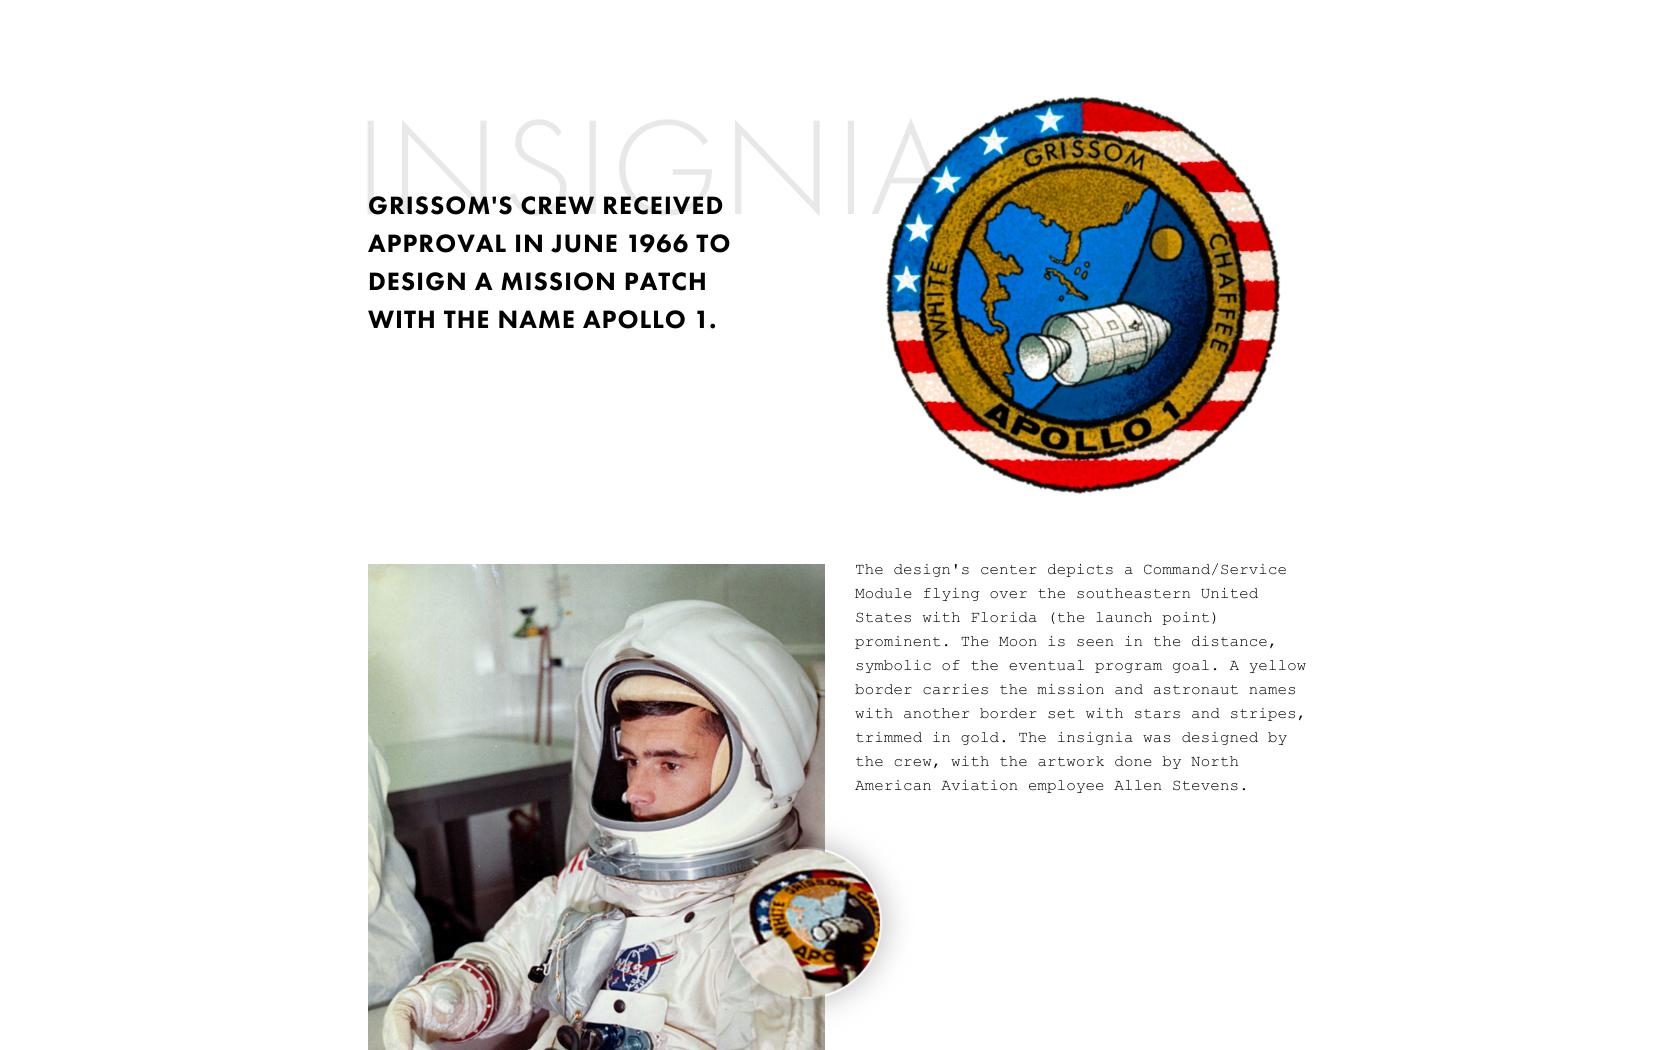 Apollo 07